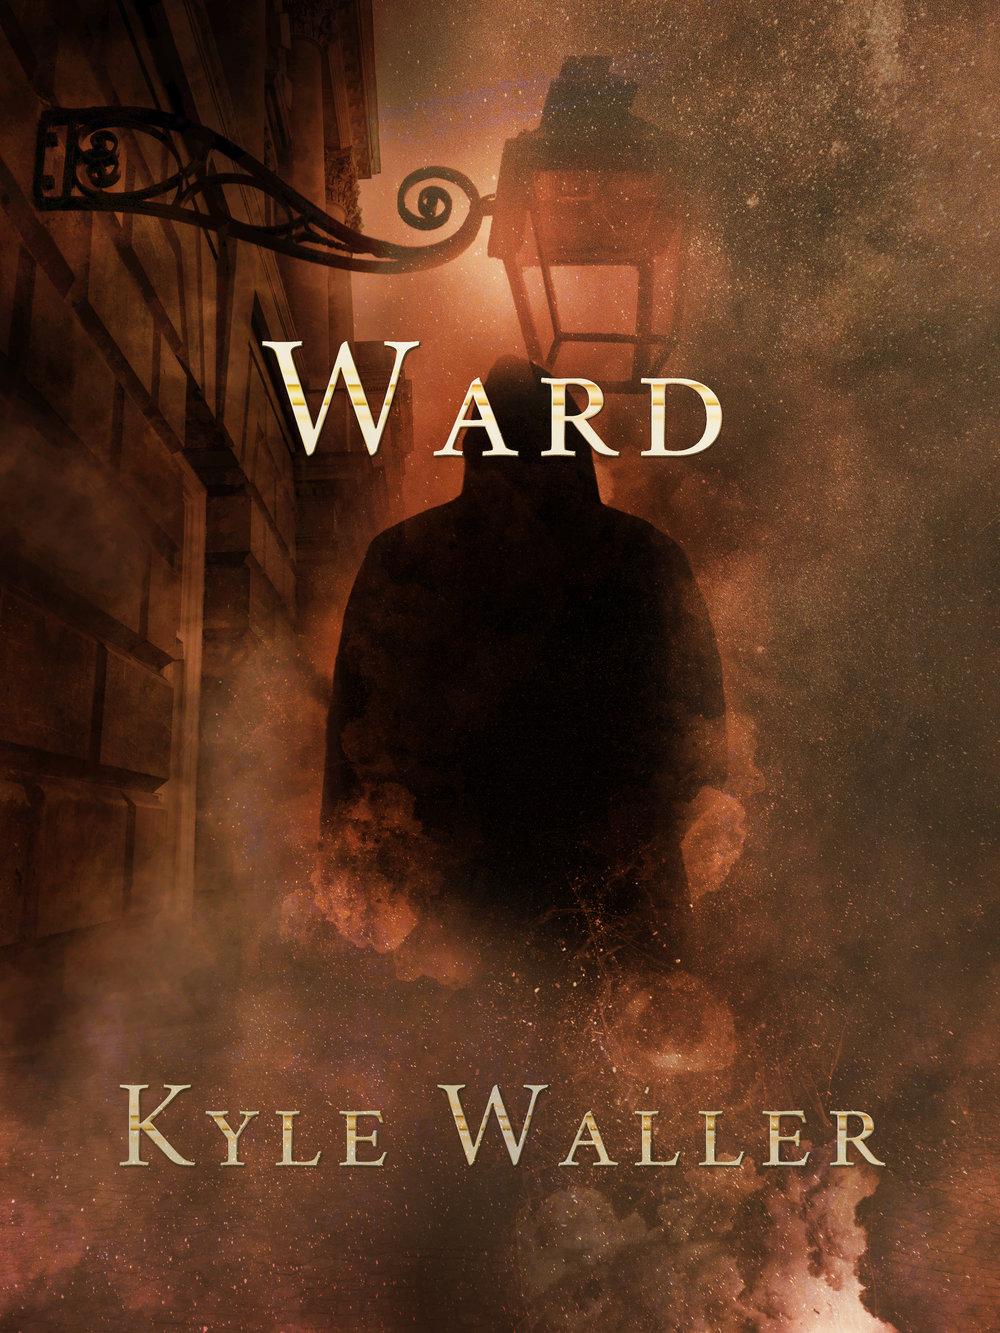 Premade_Book_Cover_Ward_KyleWaller.jpg